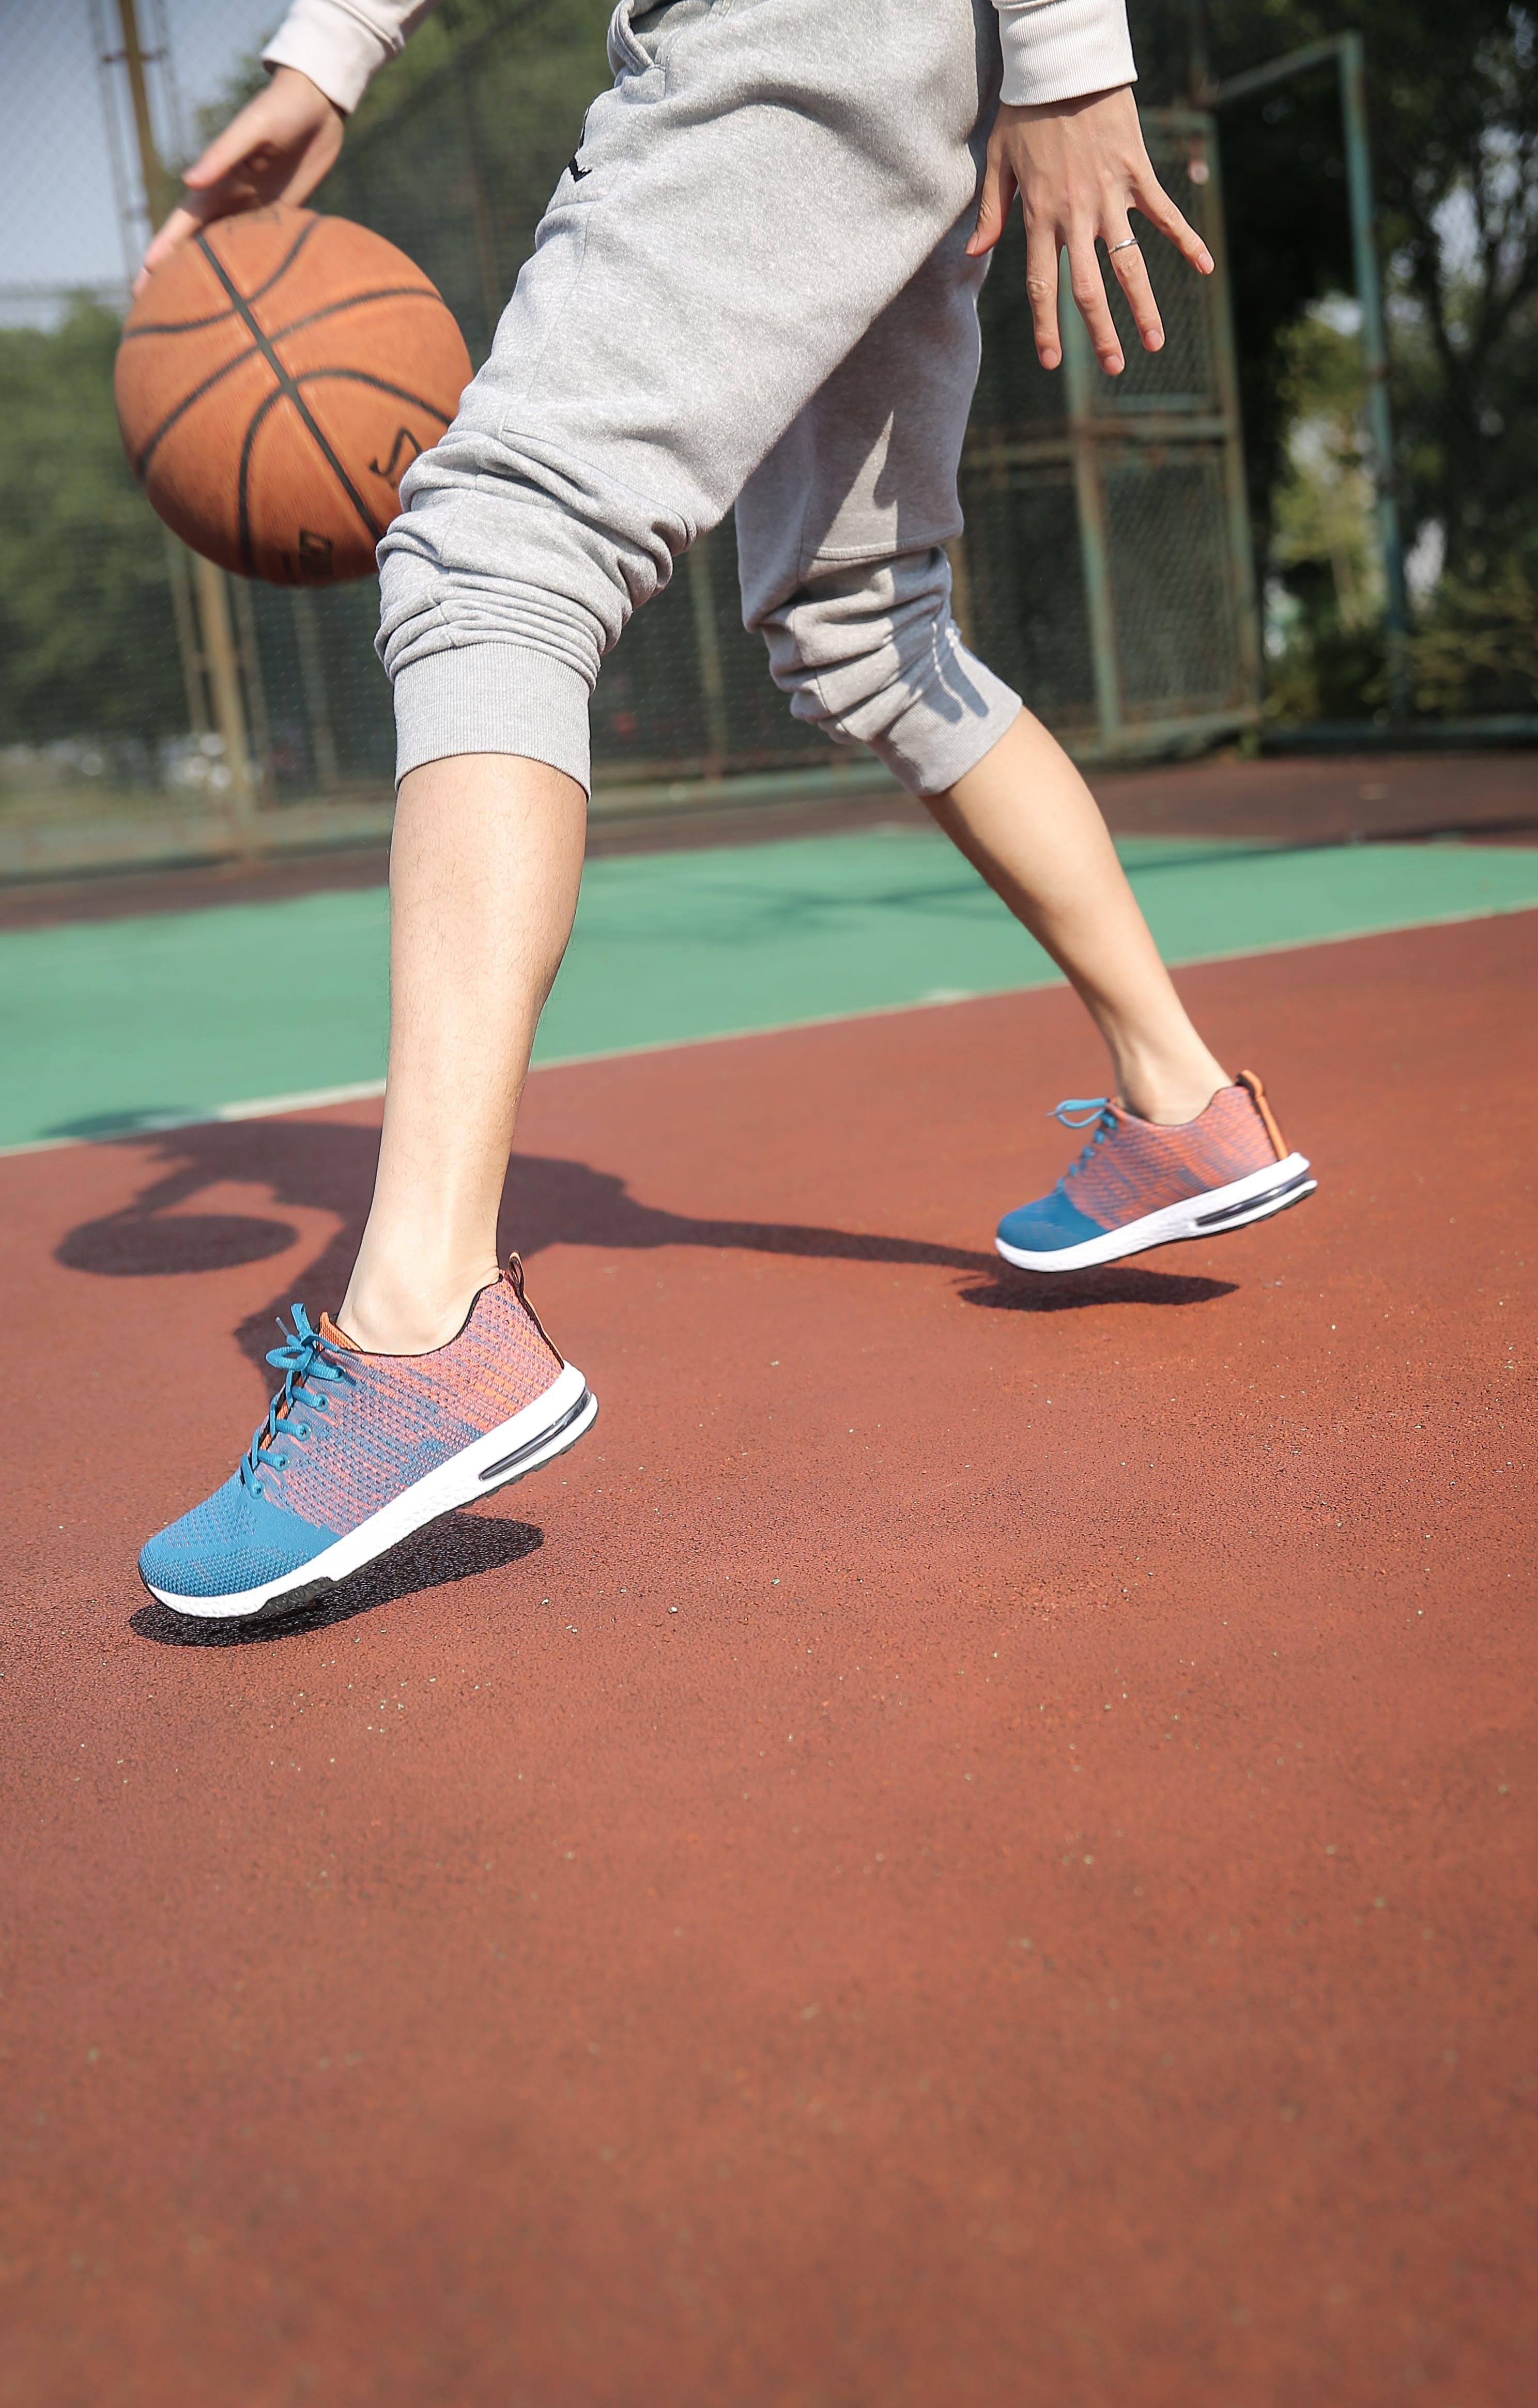 Gratis lagerfoto af atlet, bold, fodtøj, fødder